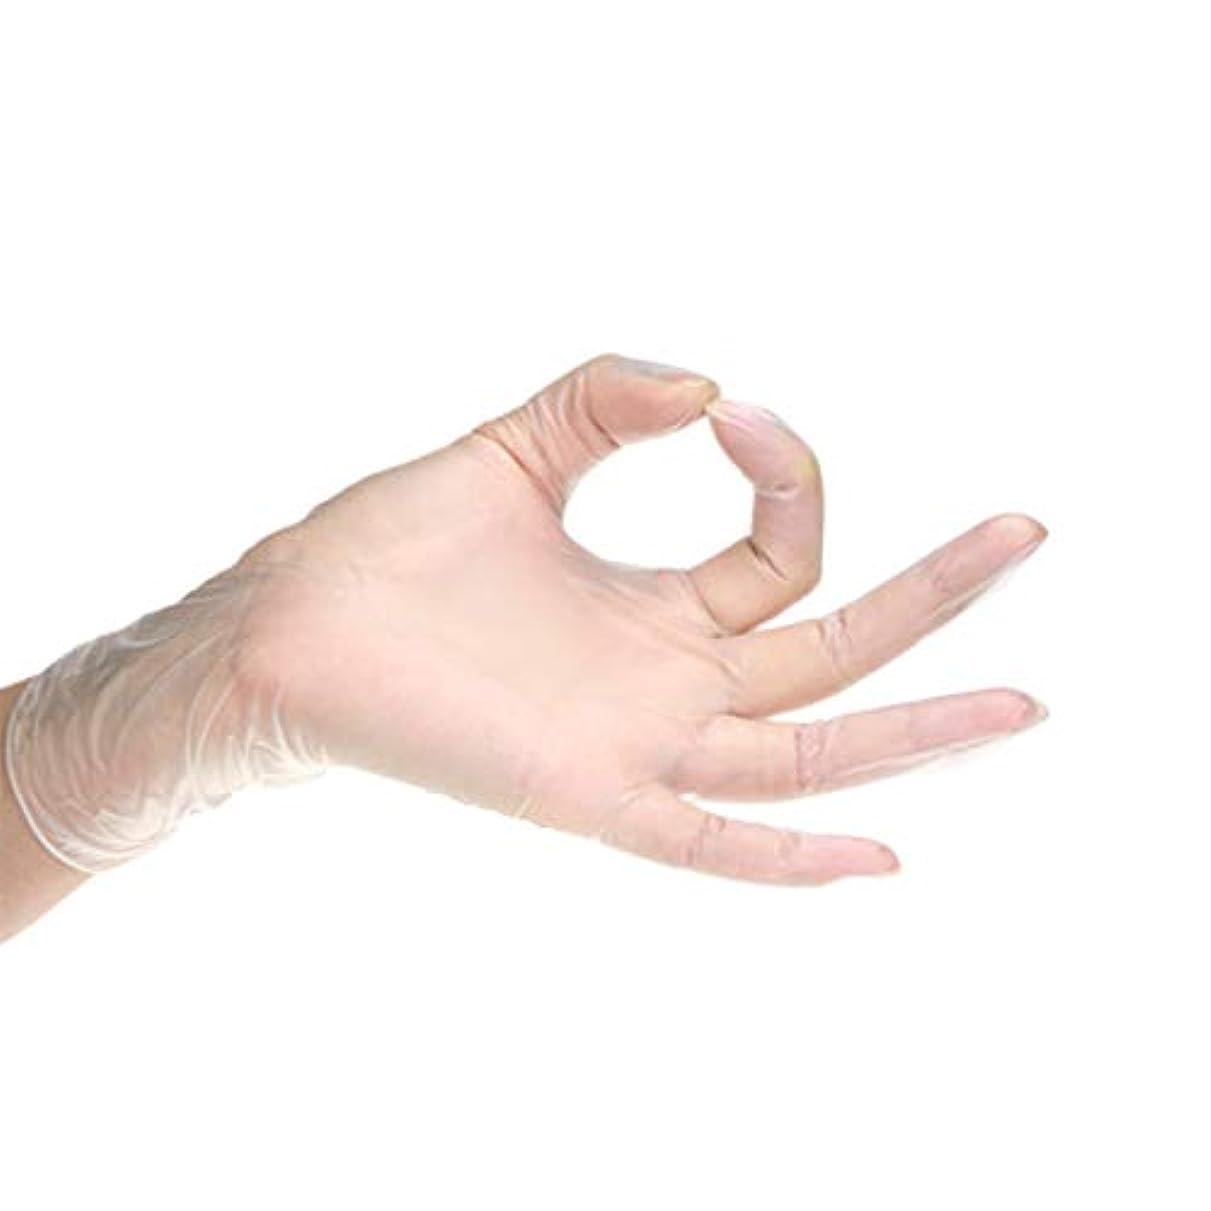 センターフラスコ説明する使い捨て手袋 ニトリル手袋 はエビをむいて 野菜 顔を切っ て料理の 食品を加工して粉がなく 透明 100枚 (L)